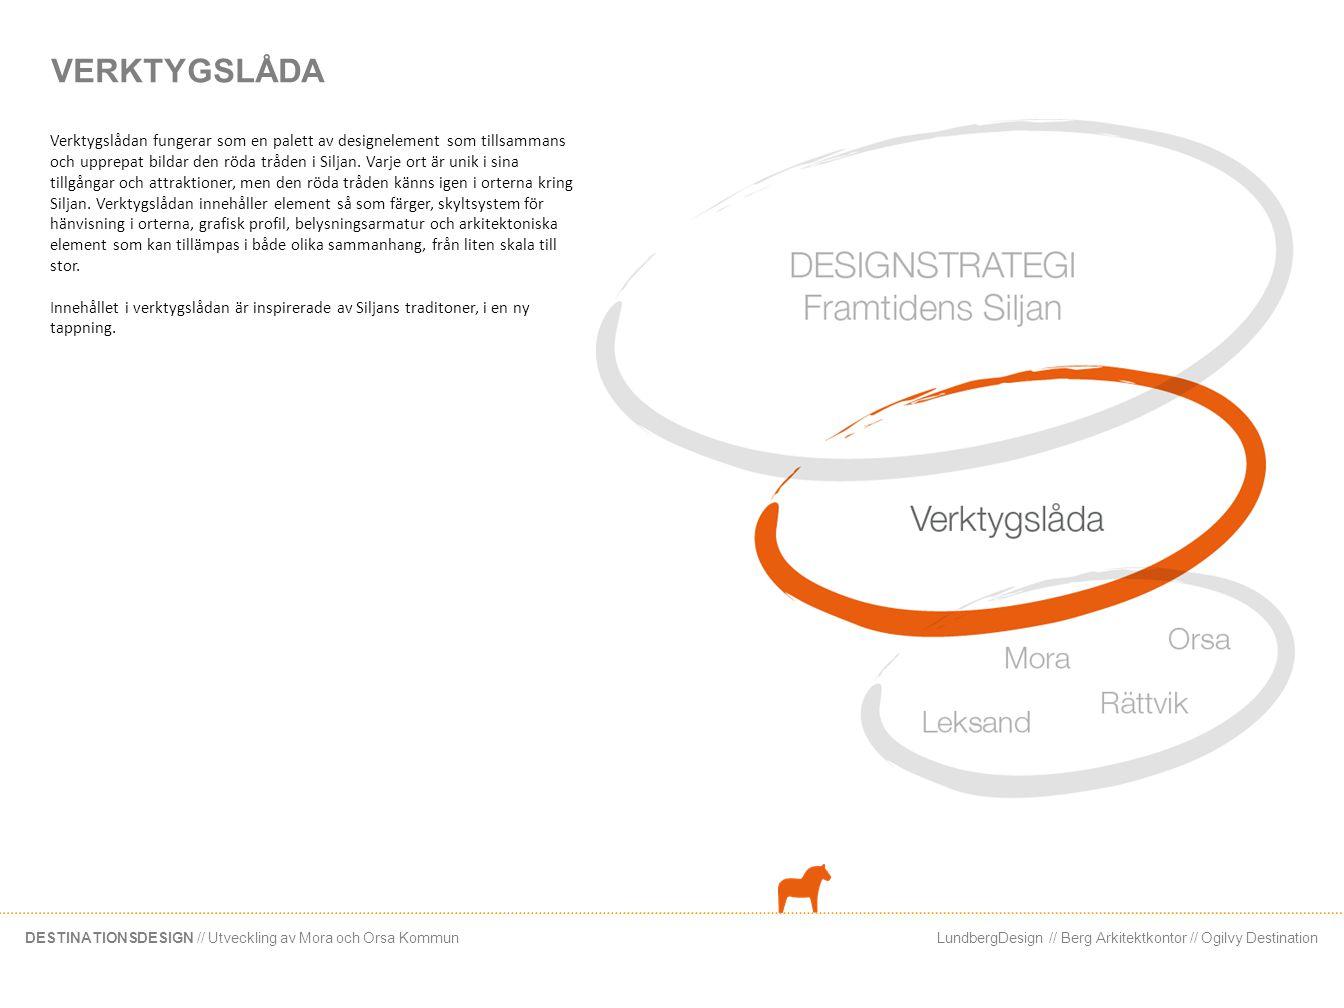 LundbergDesign // Berg Arkitektkontor // Ogilvy DestinationDESTINATIONSDESIGN // Utveckling av Mora och Orsa Kommun VERKTYGSLÅDA Verktygslådan fungera